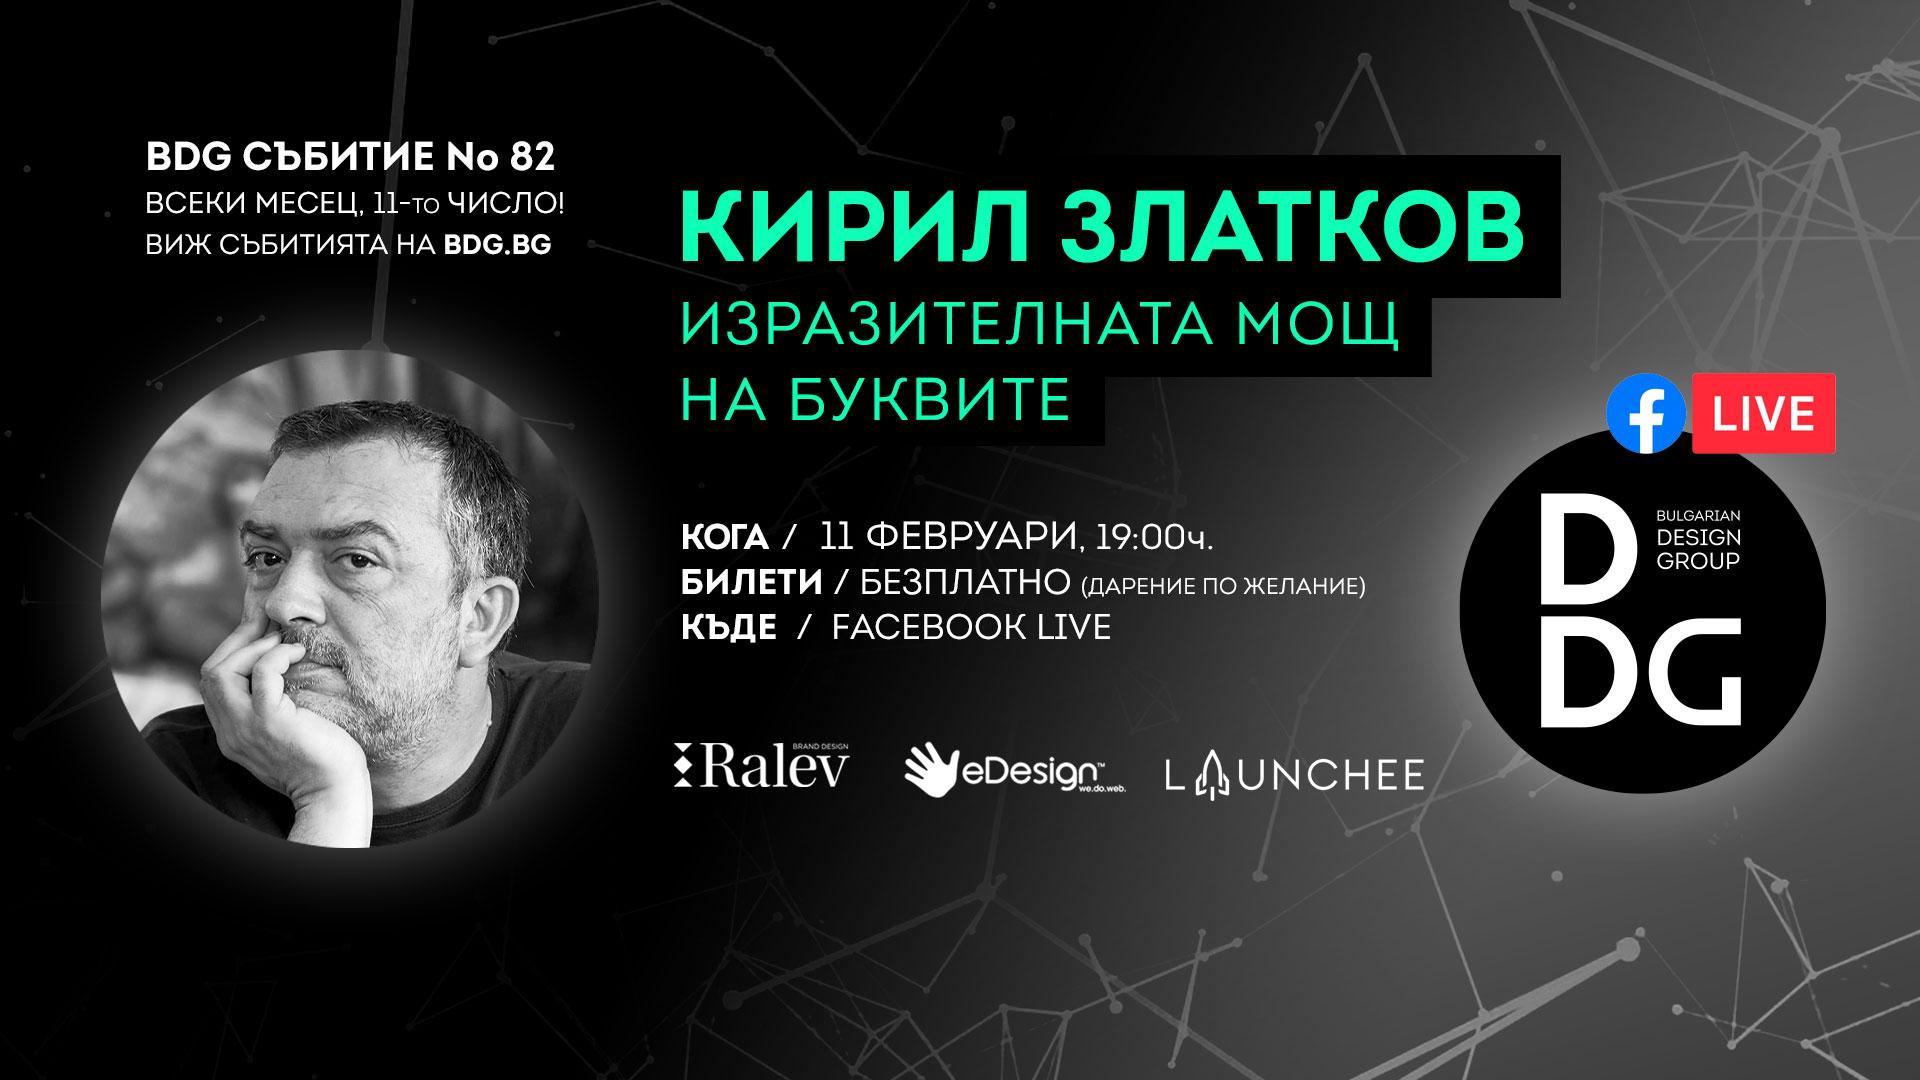 Kiril Zlatkov / BDG 82